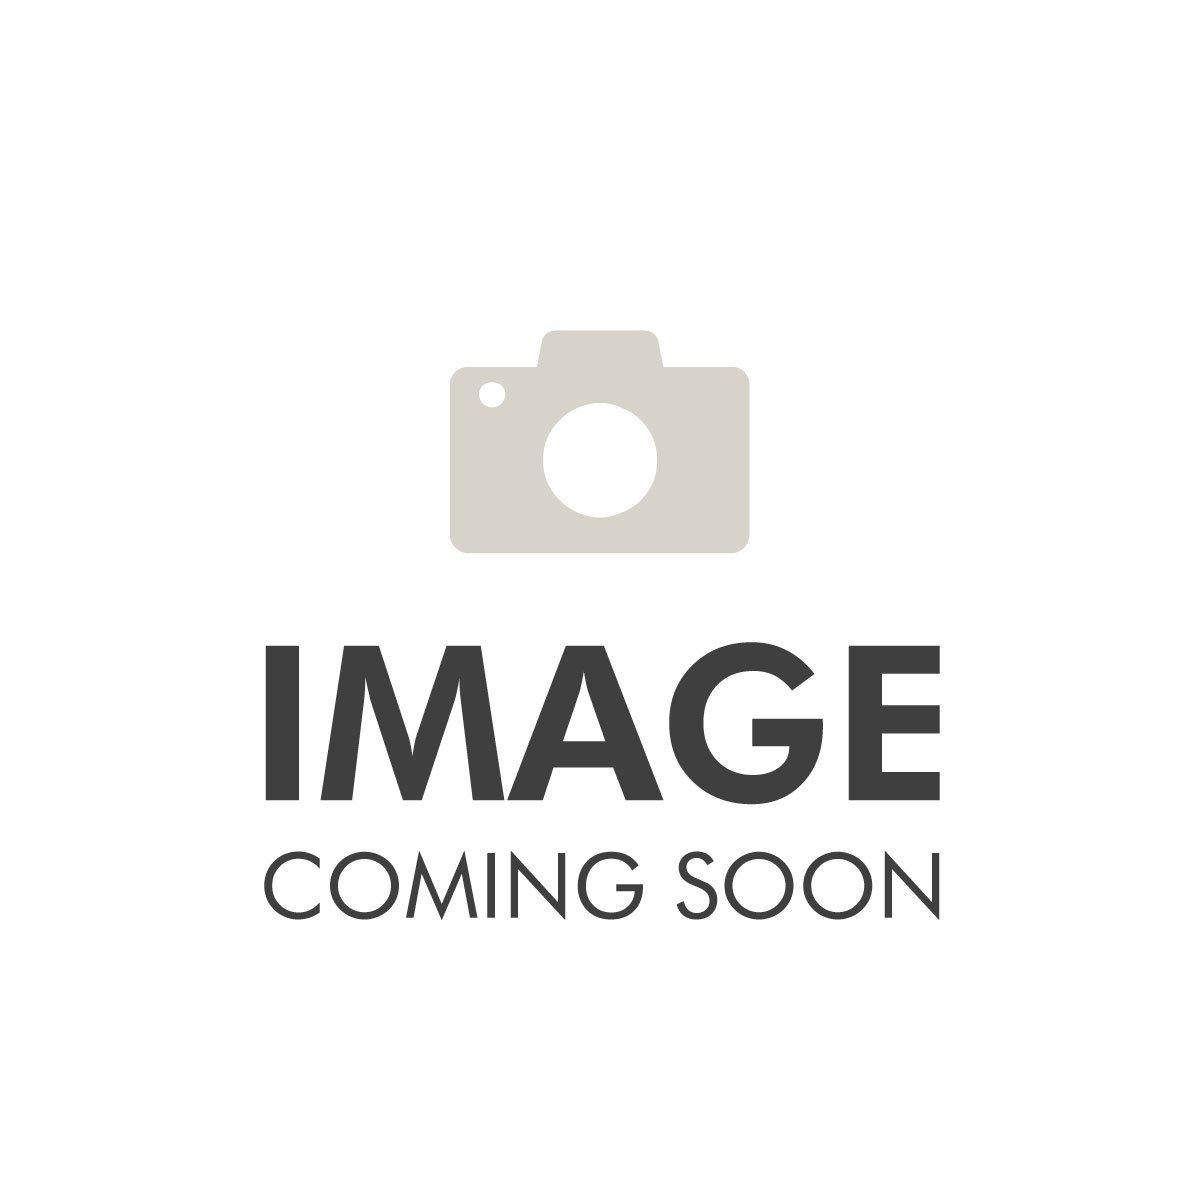 L'Oreal Color Riche Lipstick 5ml - 370 Crazy Fushia